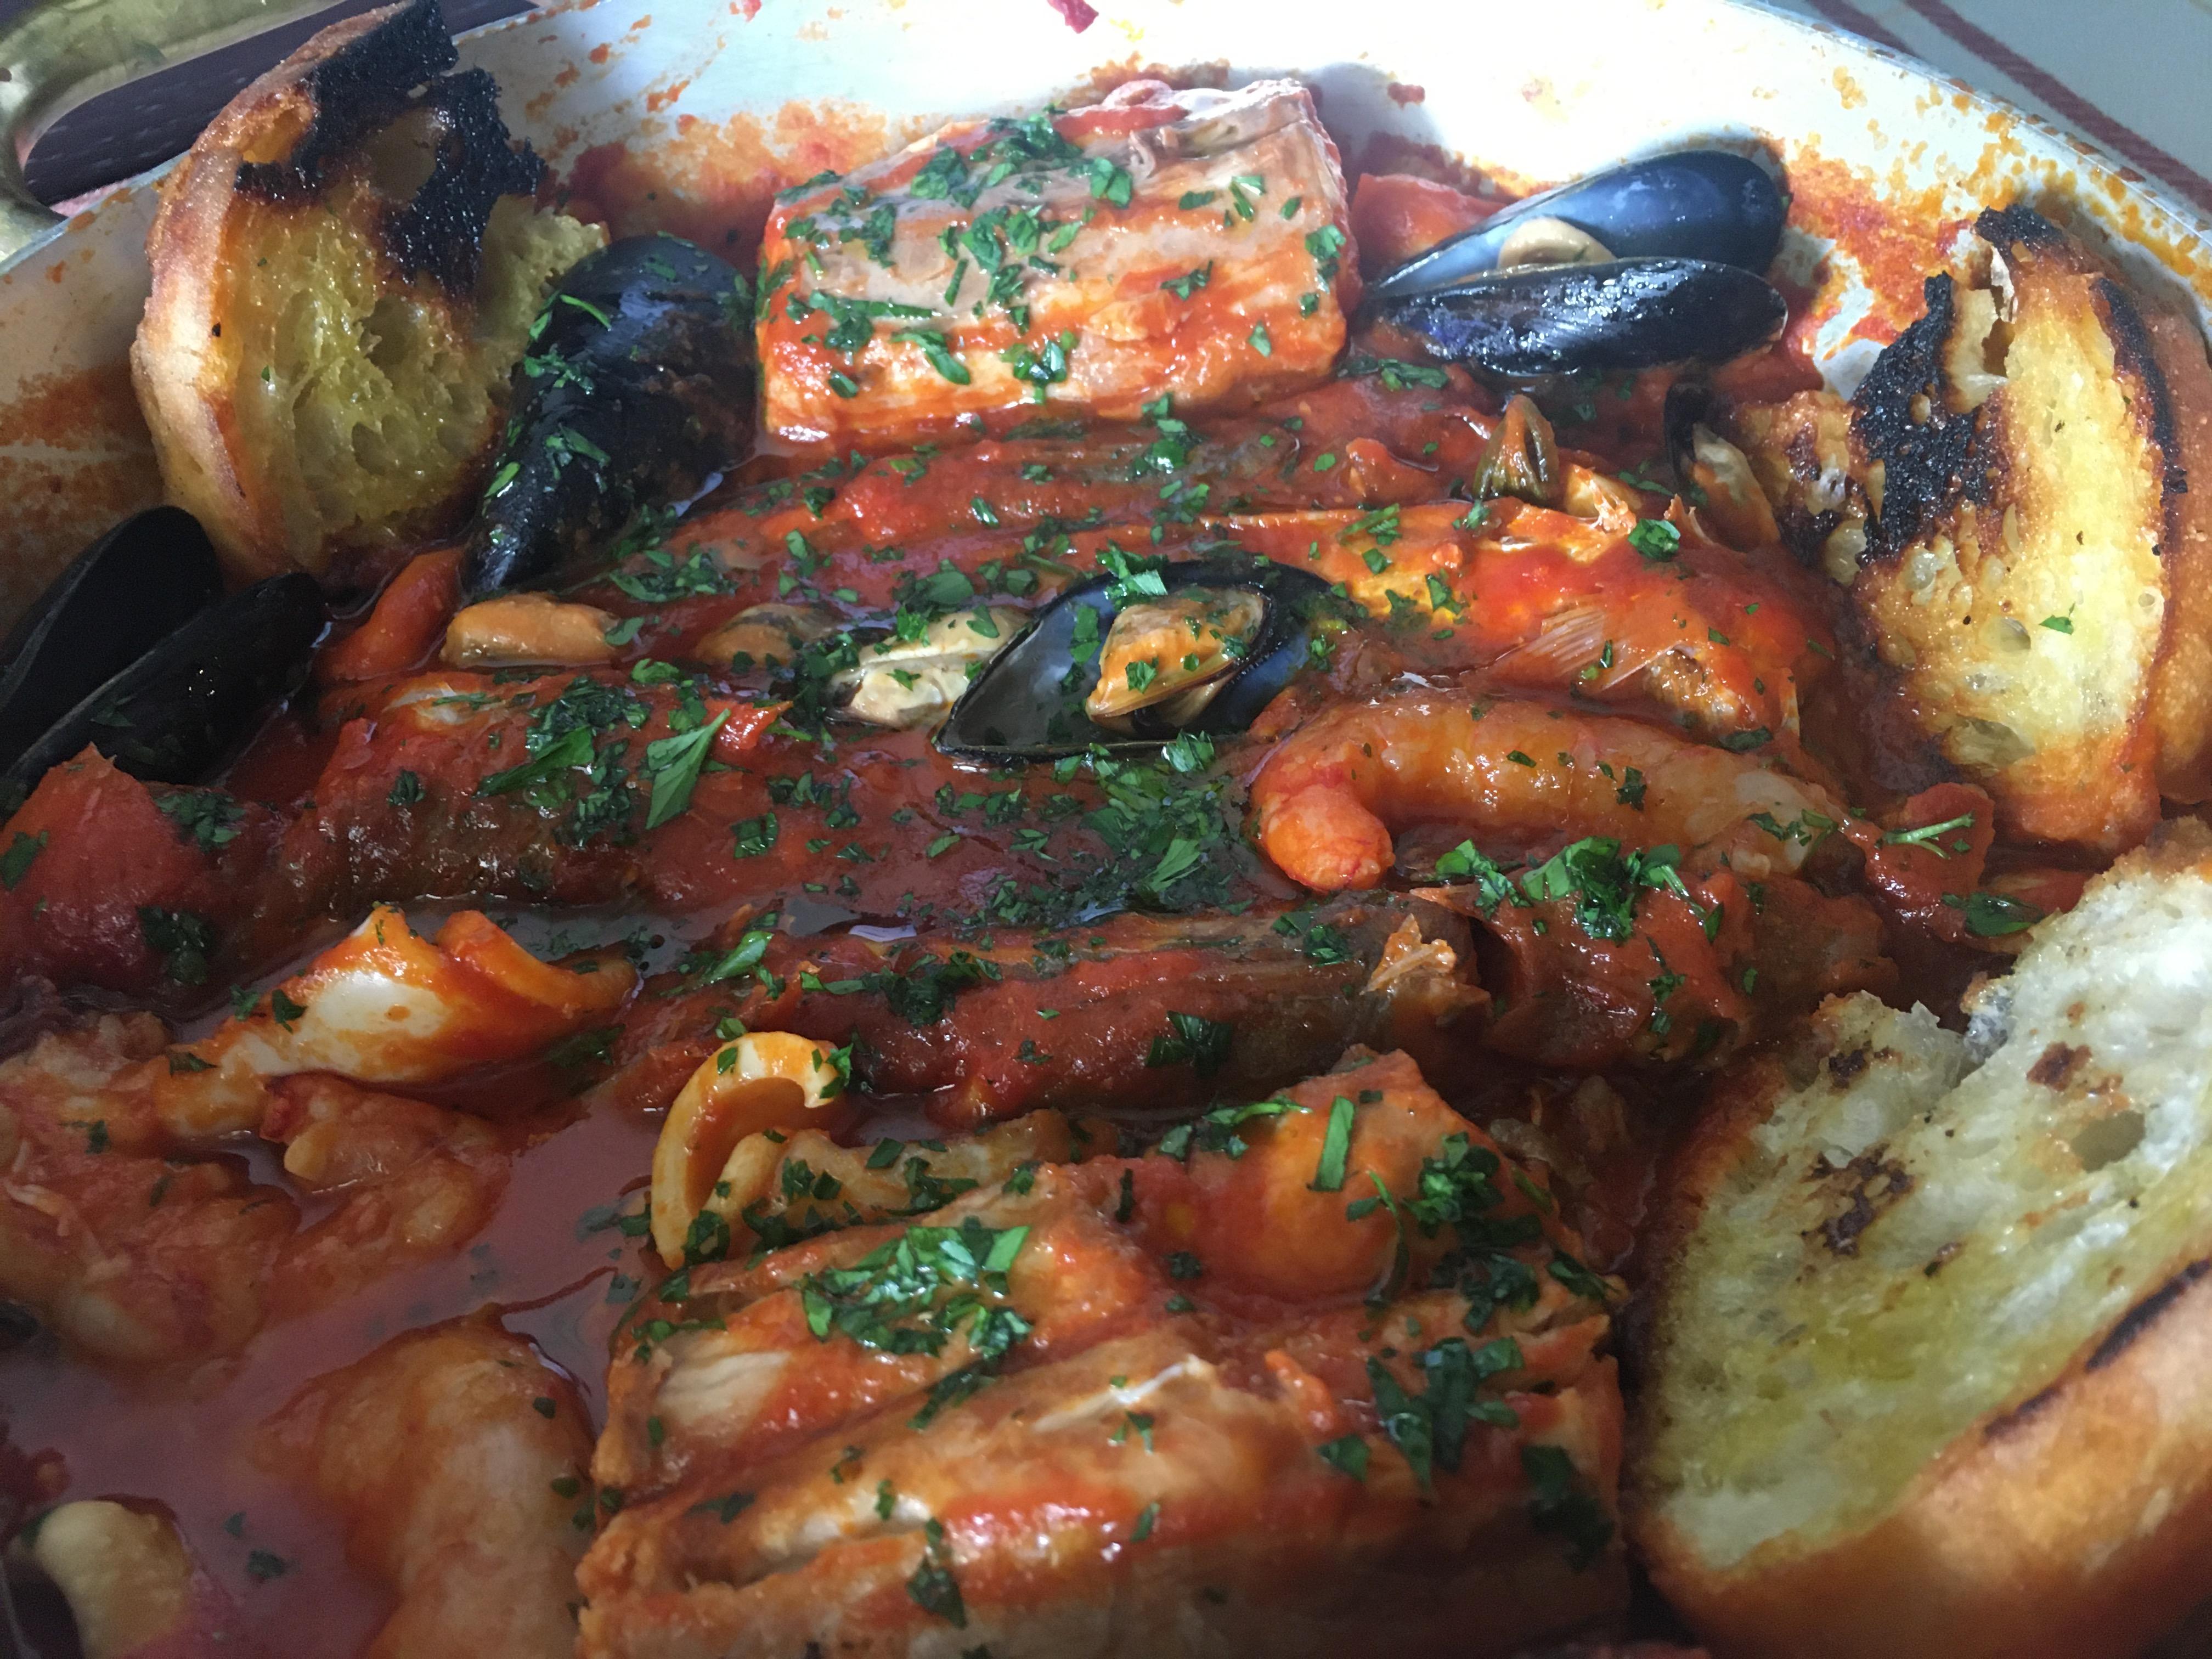 zuppa di pesce povero